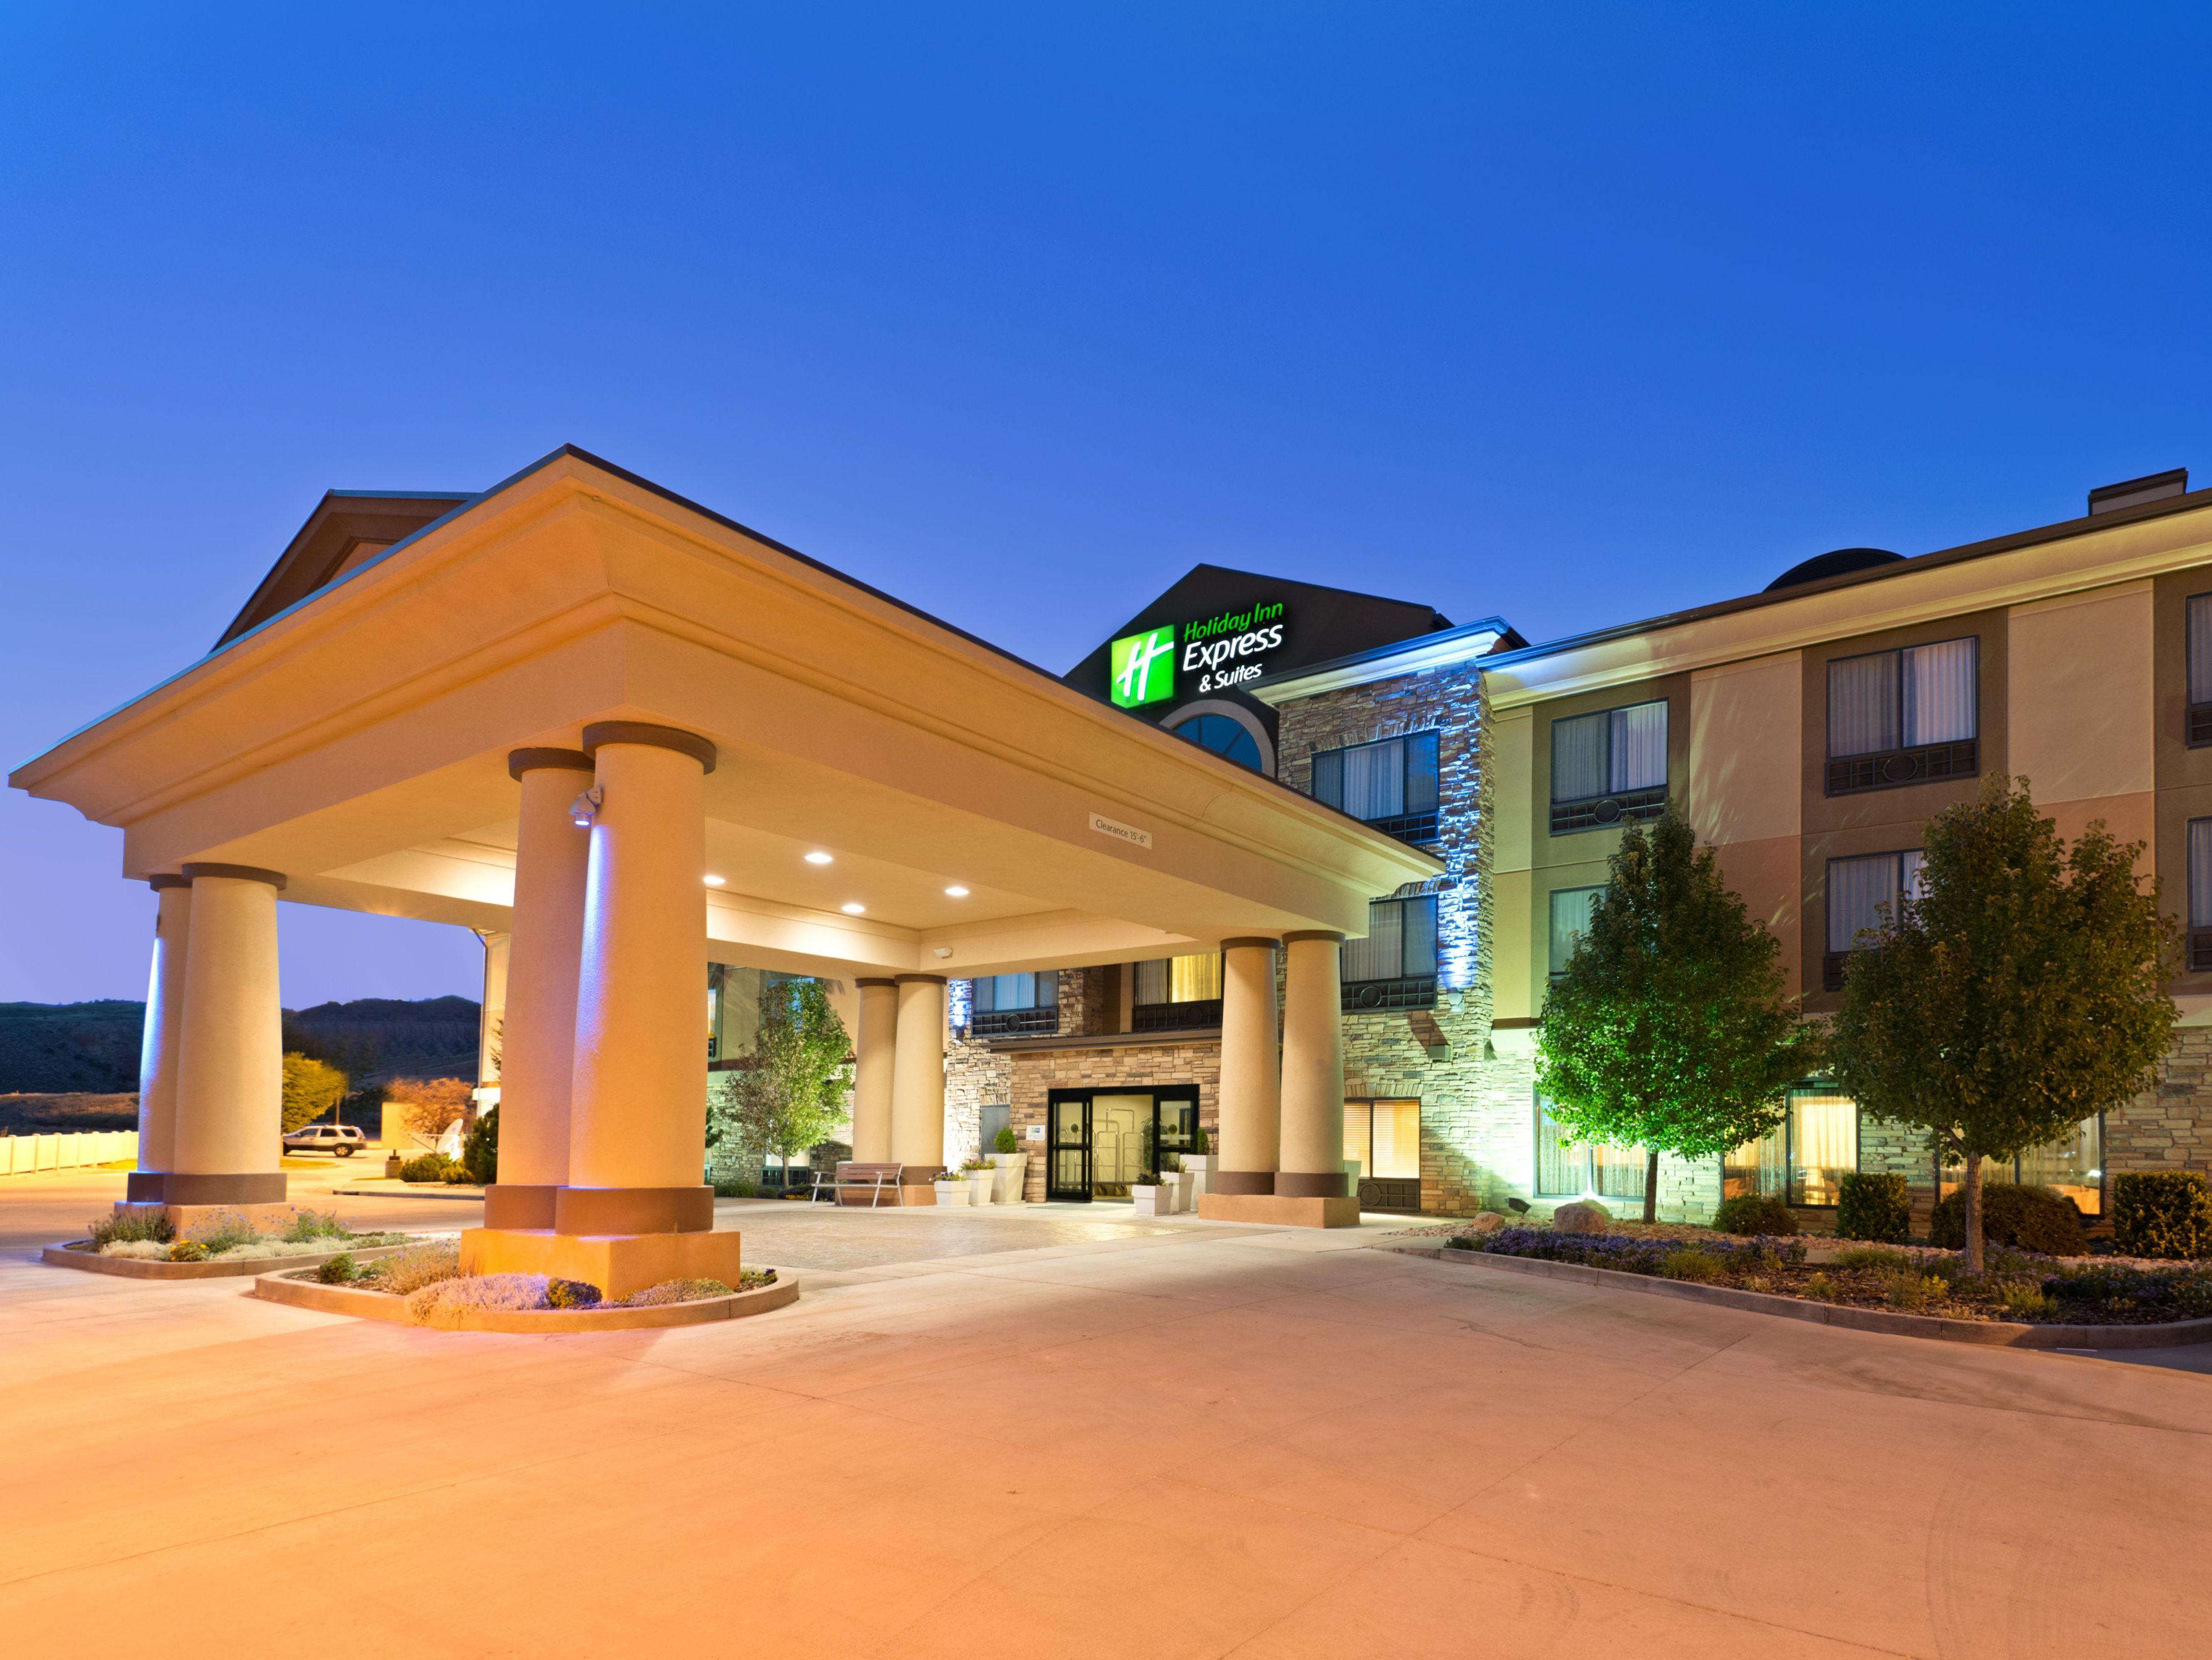 Sehenswürdigkeiten In Richfield Der Nähe Des Holiday Inn Express Suites